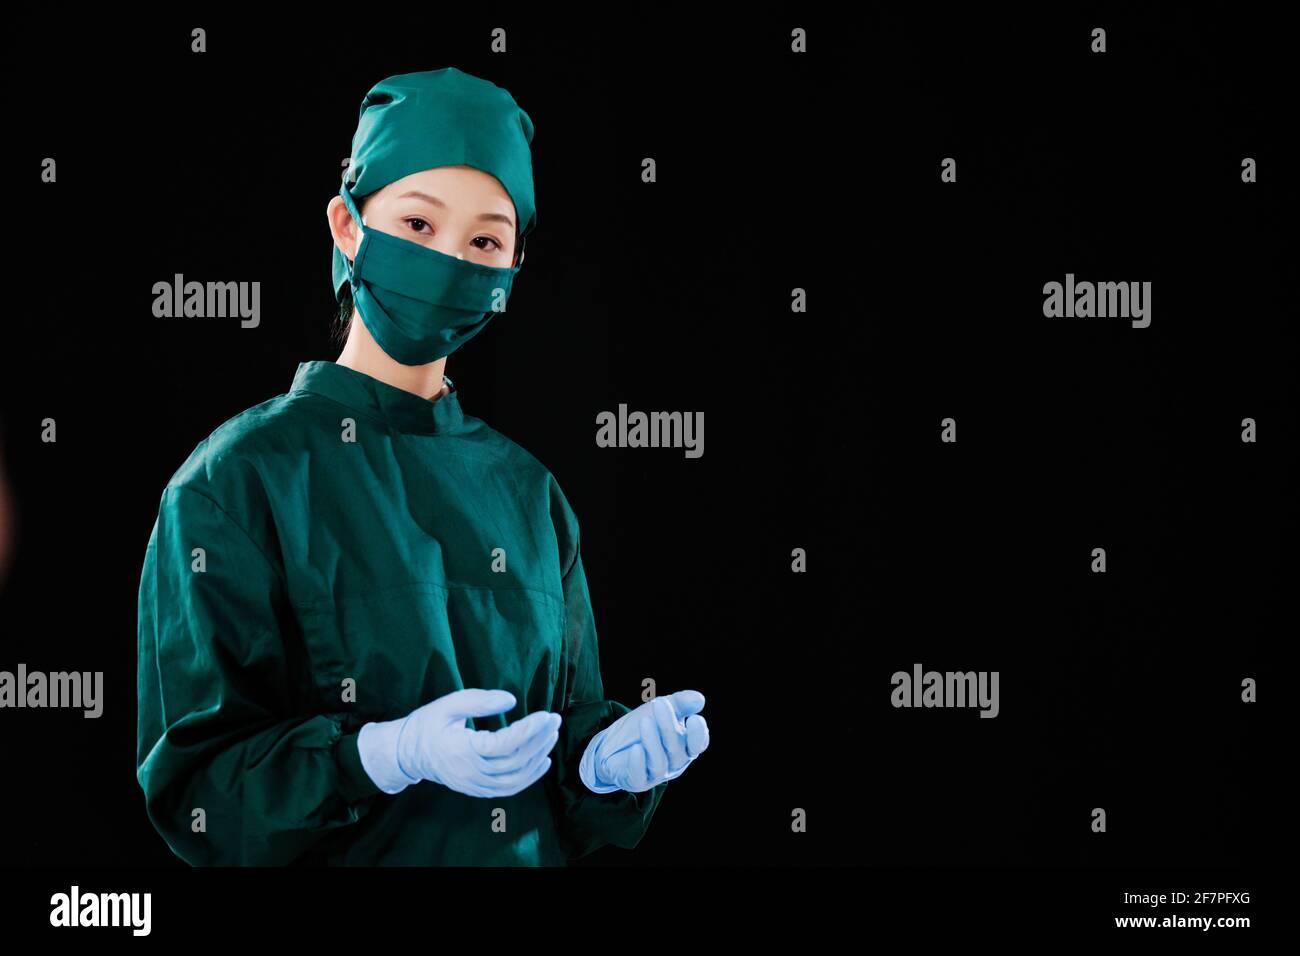 Porträt einer jungen Chirurgen, die auf die Kamera schaut Stockfoto